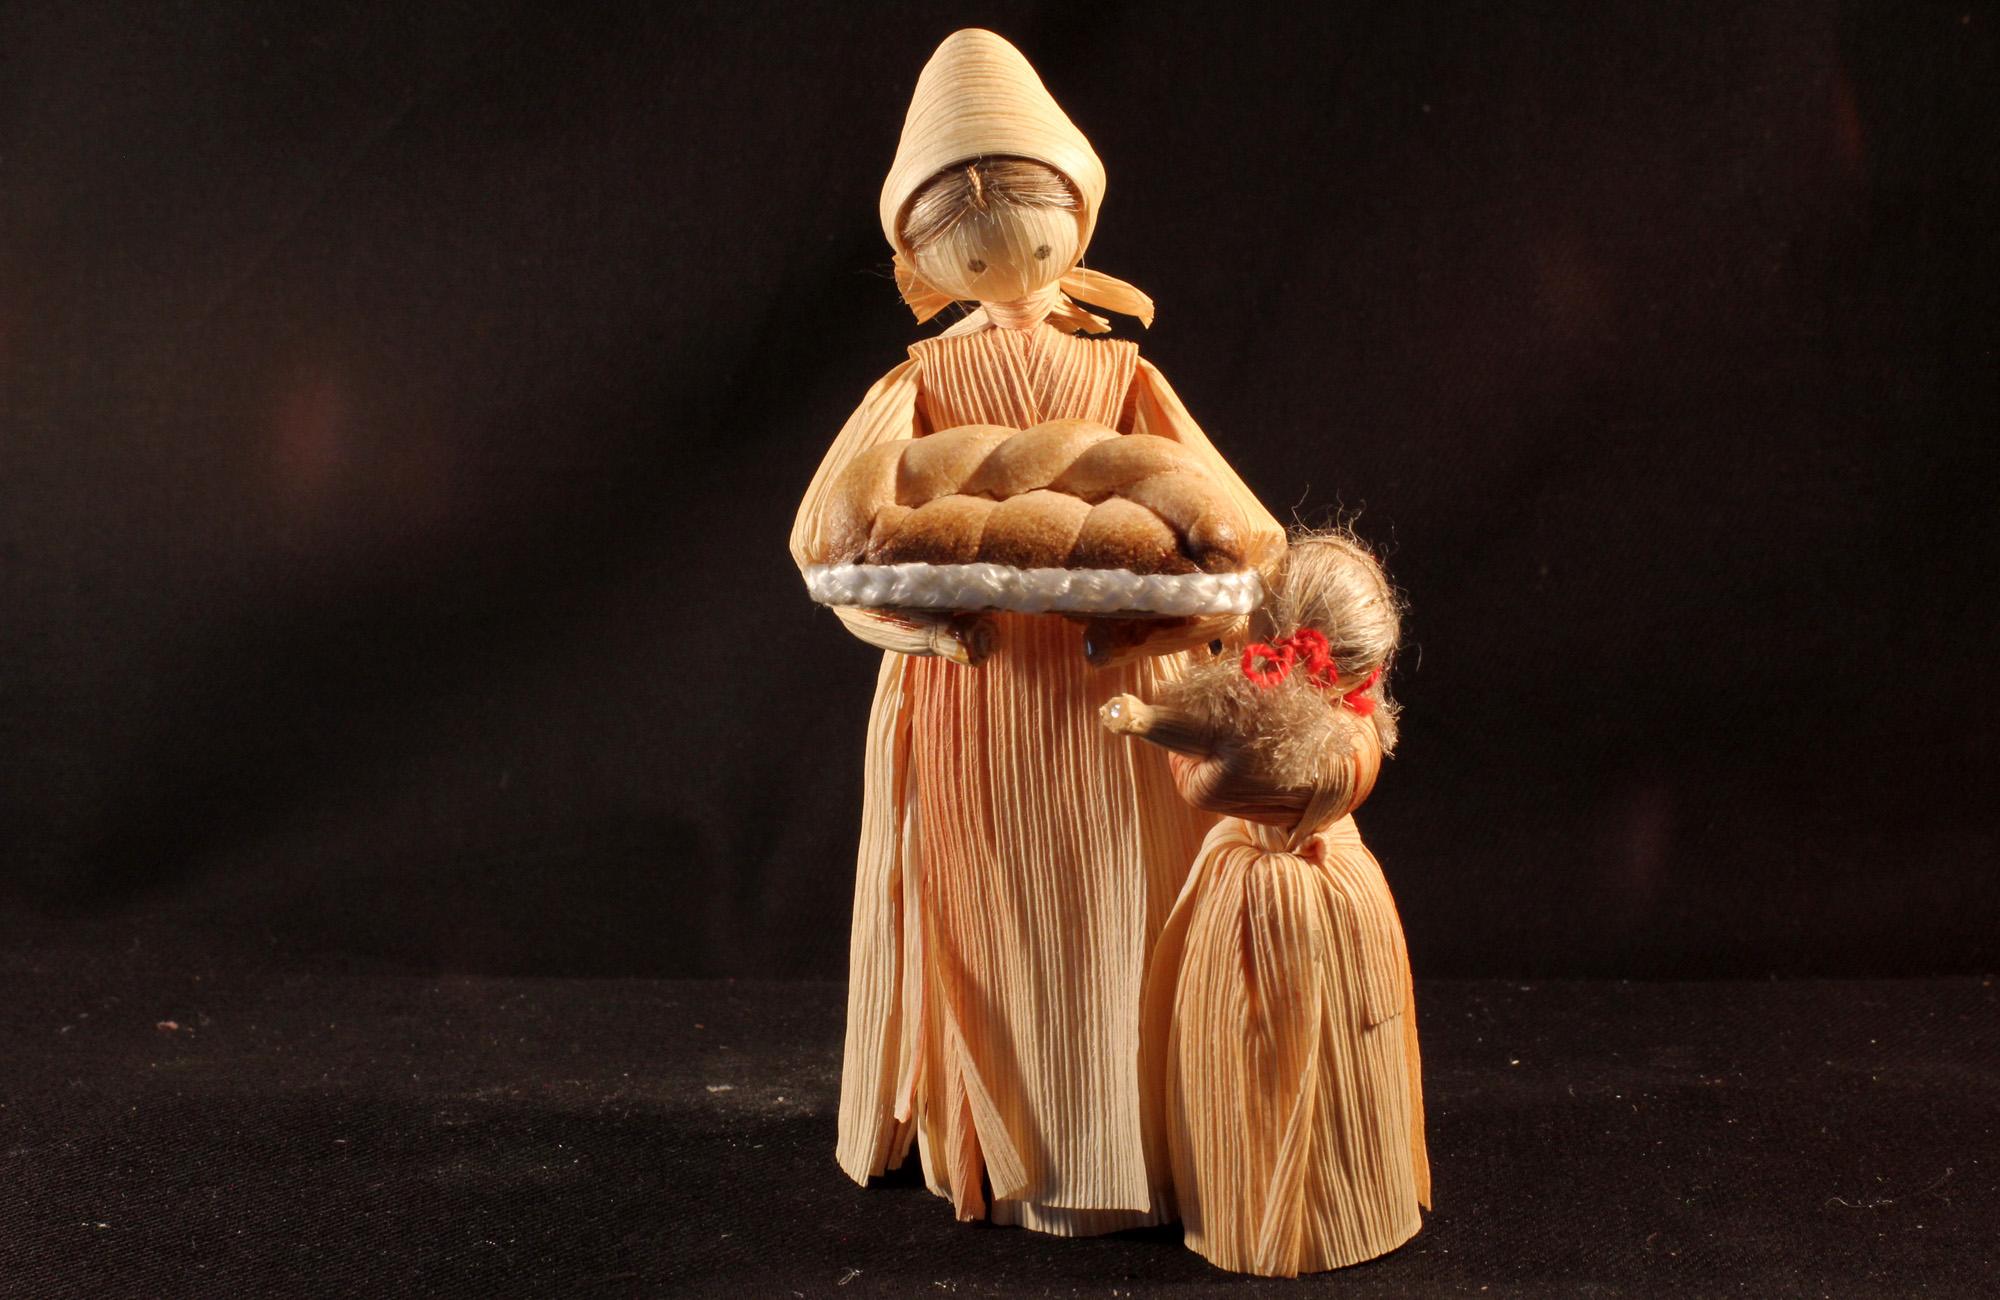 Frau mit frischen Backwaren und Kind - Figuren aus einer böhmischen Maisstroh-Krippe (Sammlung Museum Burg Posterstein)